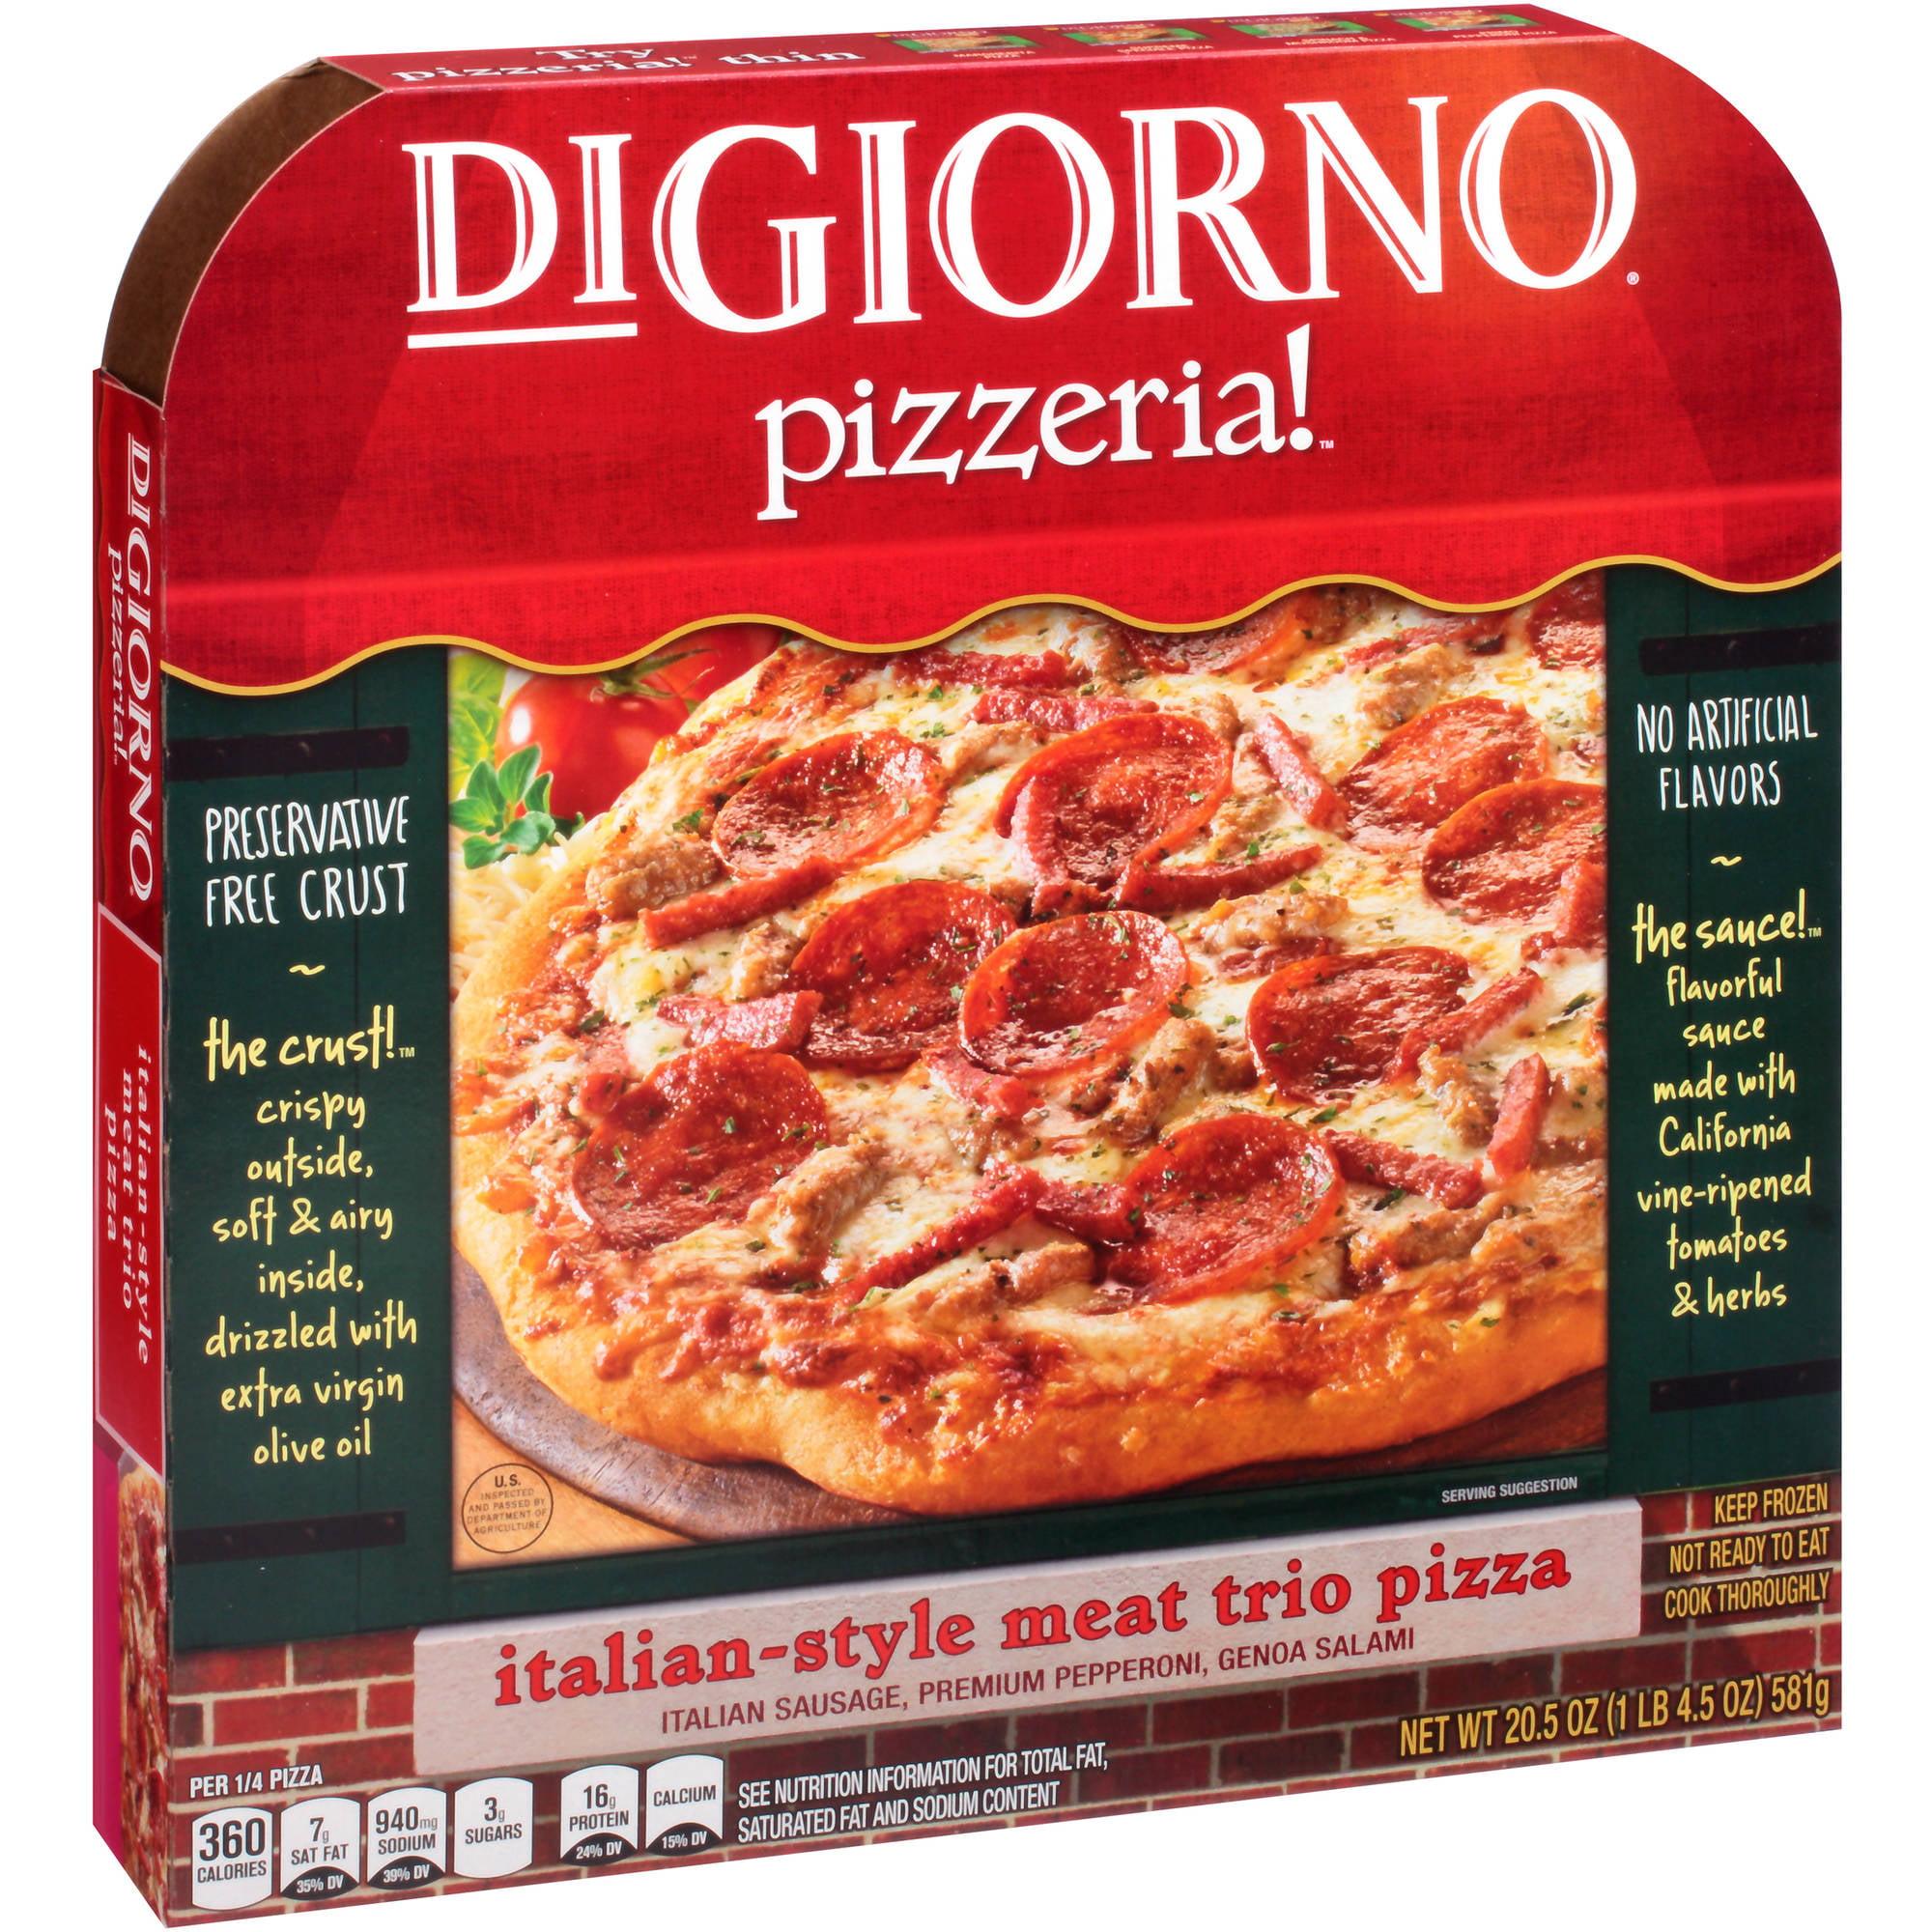 DIGIORNO PIZZERIA! Italian Style Meat Trio Pizza 20.5 oz. Box